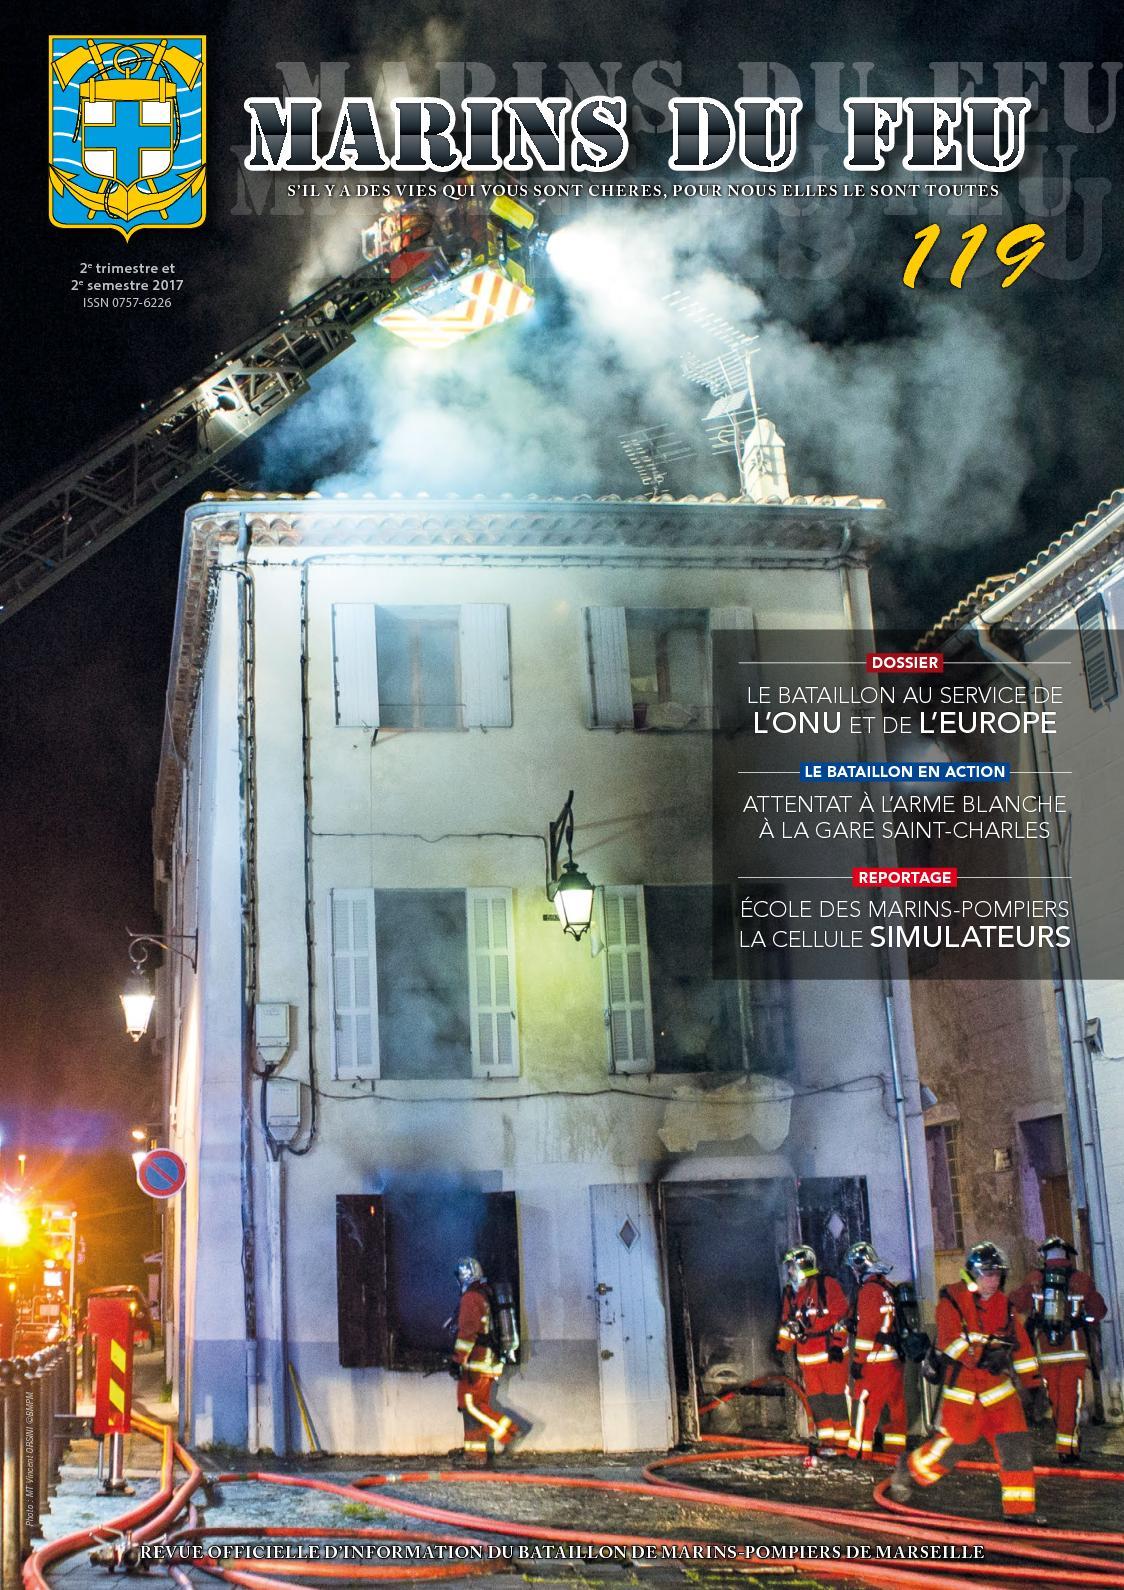 Marins du feu N°119 (janvier 2018) Marins-pompiers de Marseille